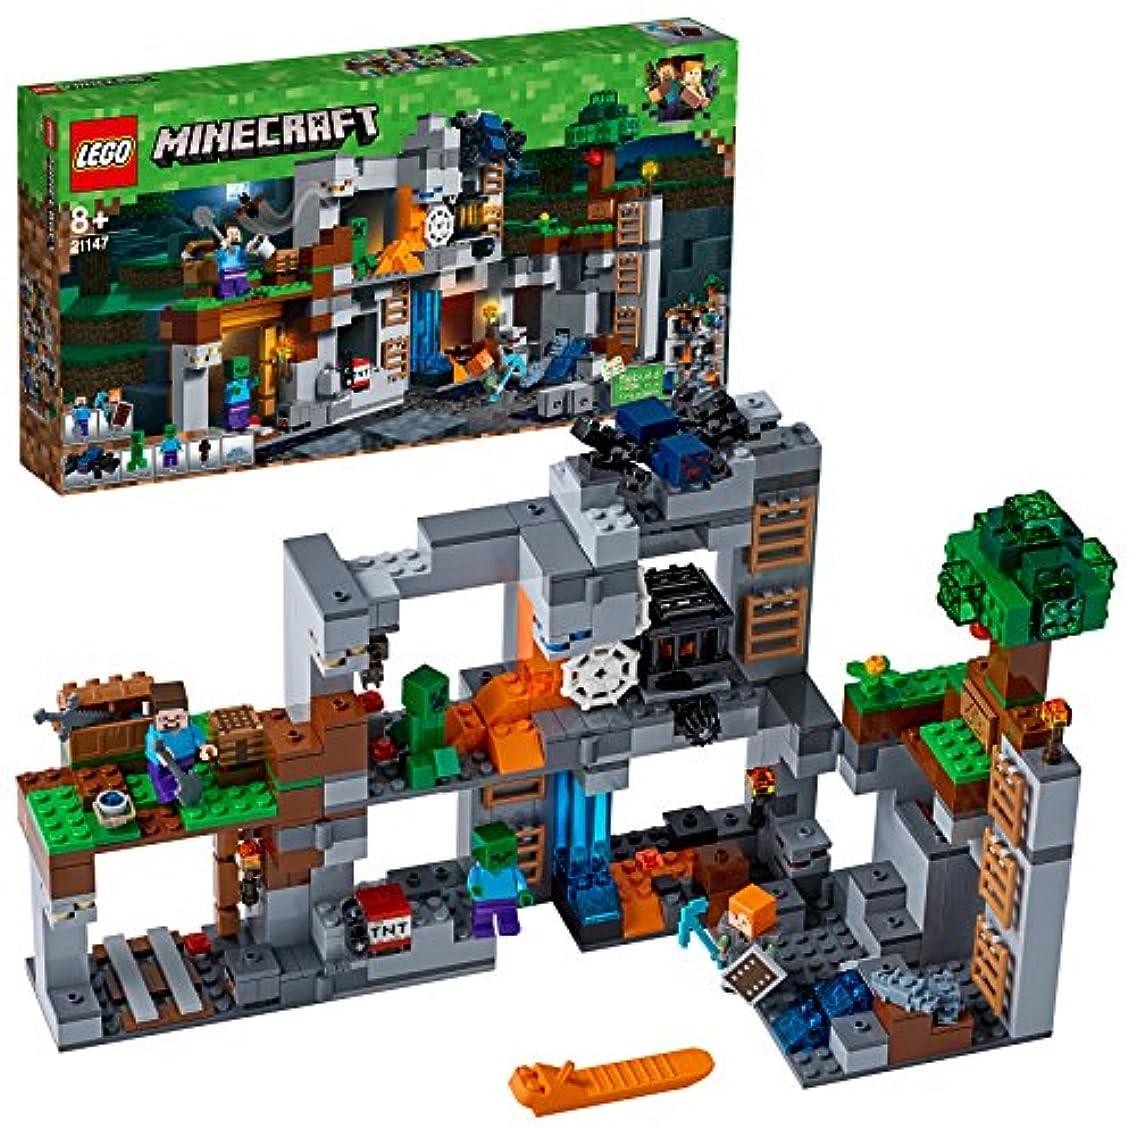 傑出した役に立たないストレンジャーレゴ(LEGO)マインクラフト ベッドロックの冒険 21147 ブロック おもちゃ 男の子